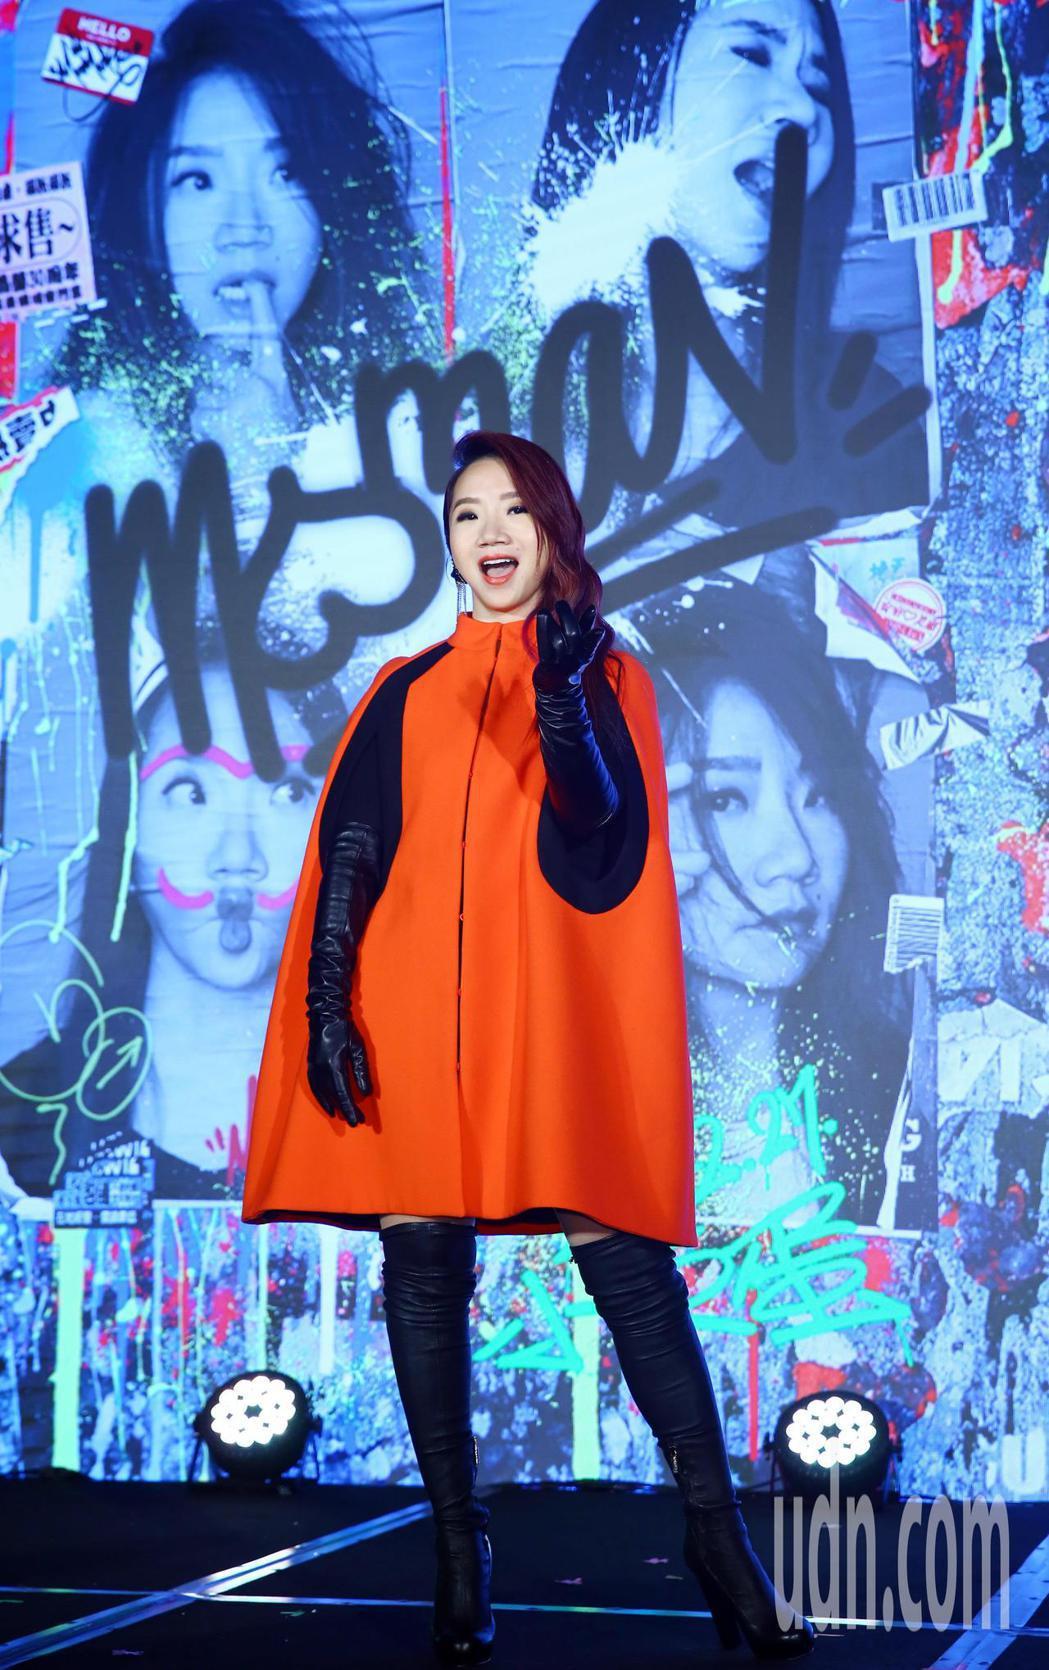 藝人陶晶瑩下午召開記者會,宣布明年二月攻蛋,舉辦首場屬於自己的萬人演唱會。記者杜...